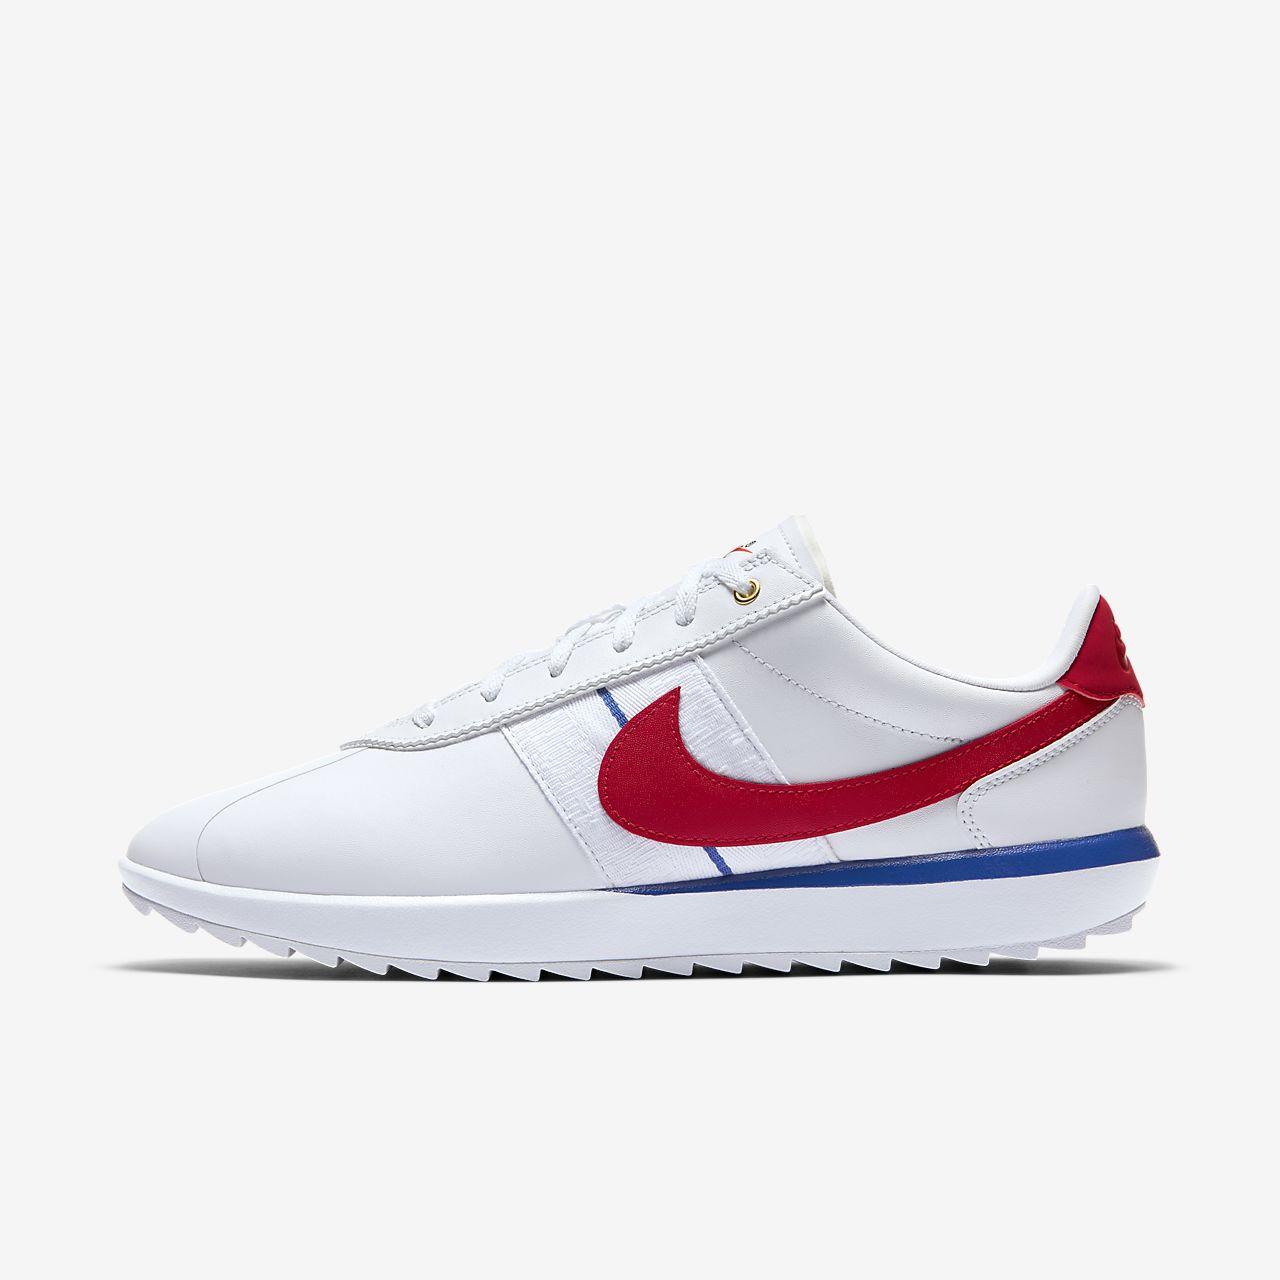 Calzado de golf para mujer Nike Cortez G